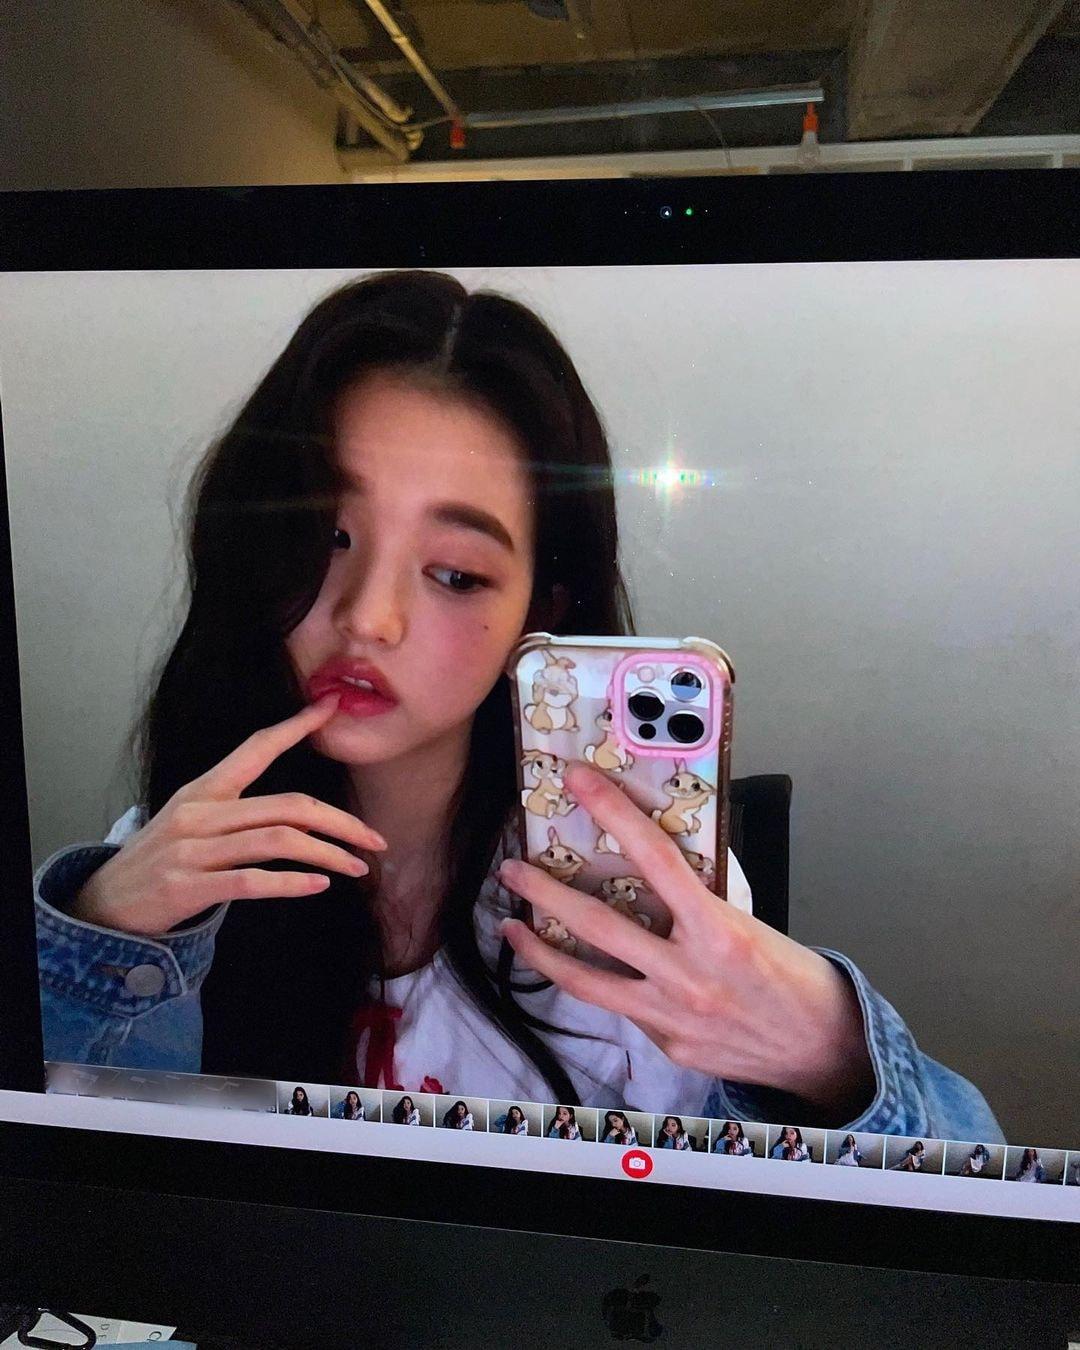 Jang Won Young gây tranh cãi với kiểu trang điểm và cách tạo dáng chín ép trong các bức ảnh Instgram. Nữ idol sinh năm 2004 khác lạ với đôi môi căng đầy gợi cảm và kiểu tạo dáng tay cố ý tạo ra vẻ sexy.